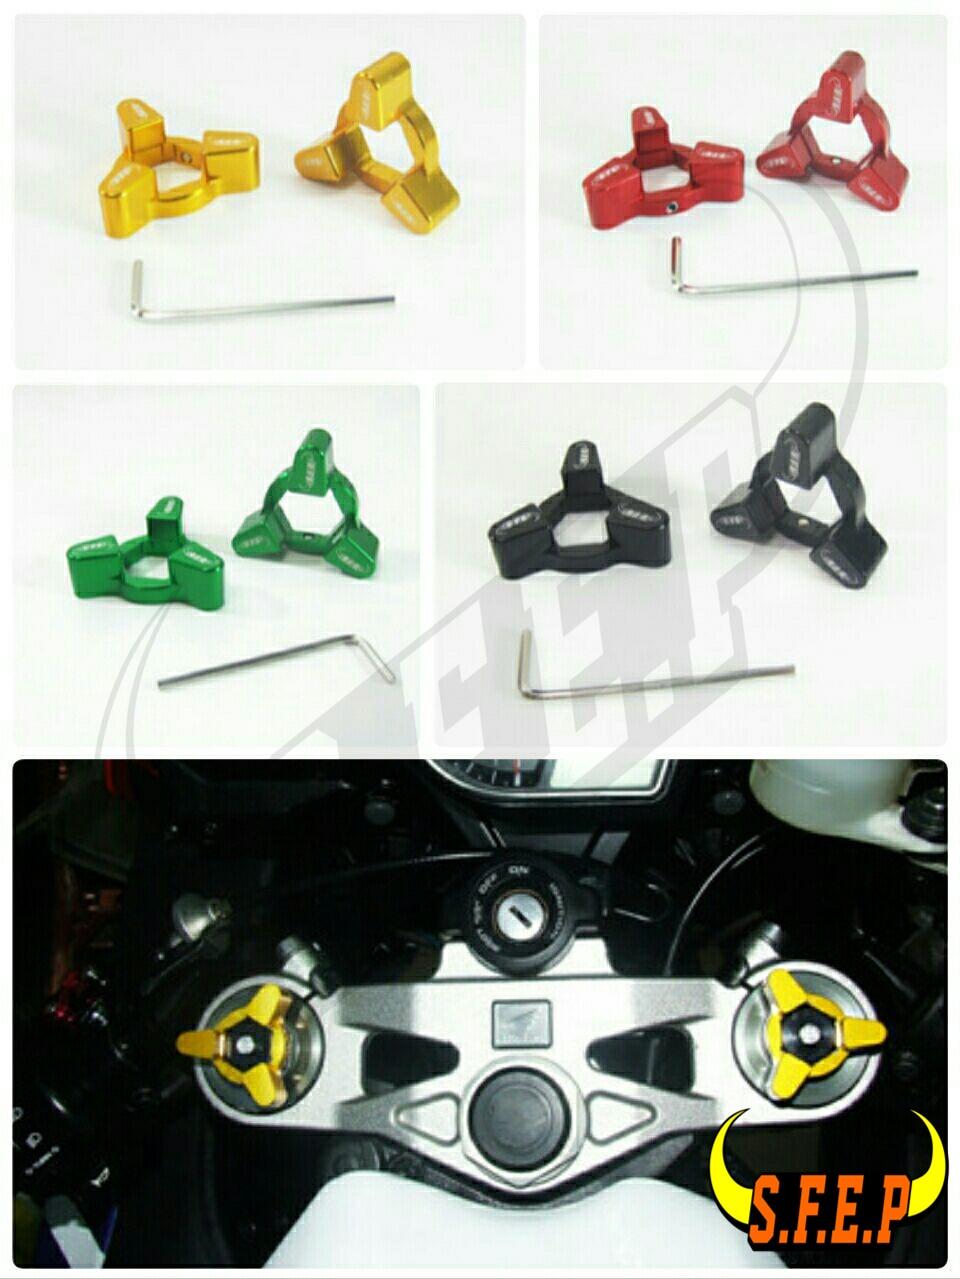 Motorcycle CNC Fork Preload Adjusters For BMW S1000RR 2009 2010 2011 2012 2013 2014